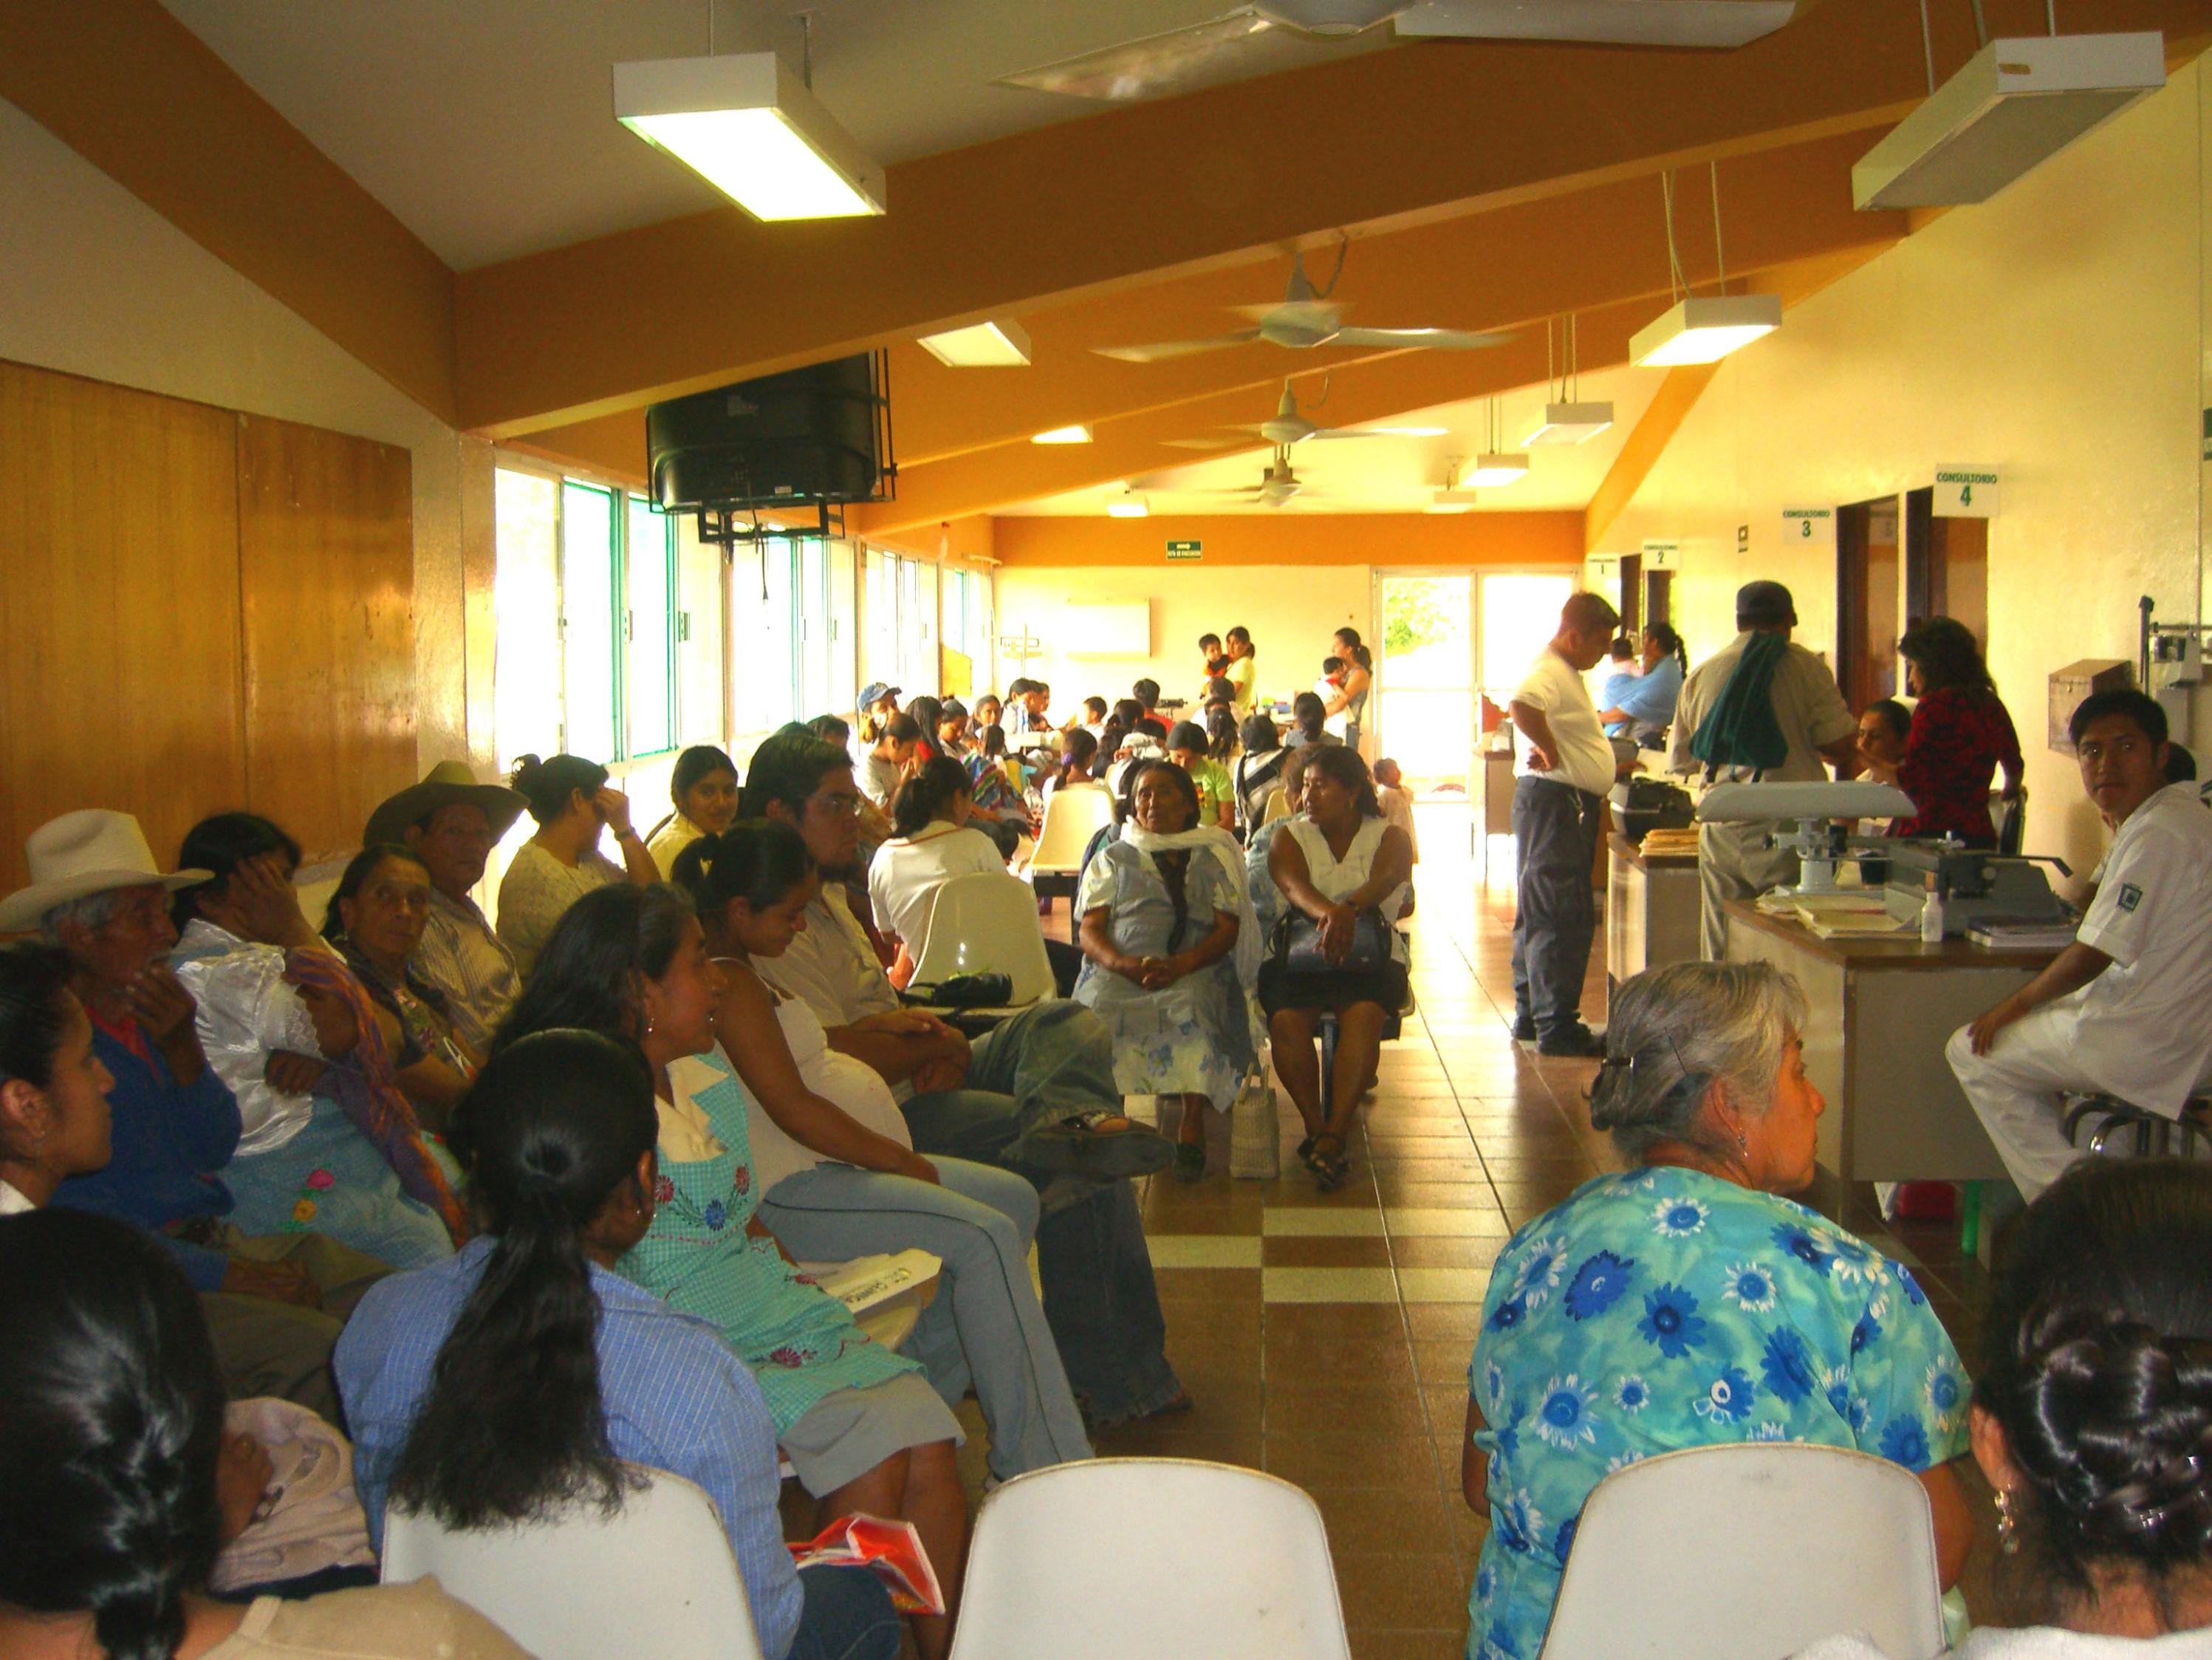 salal de espera hospital Oaxaca 2006 063